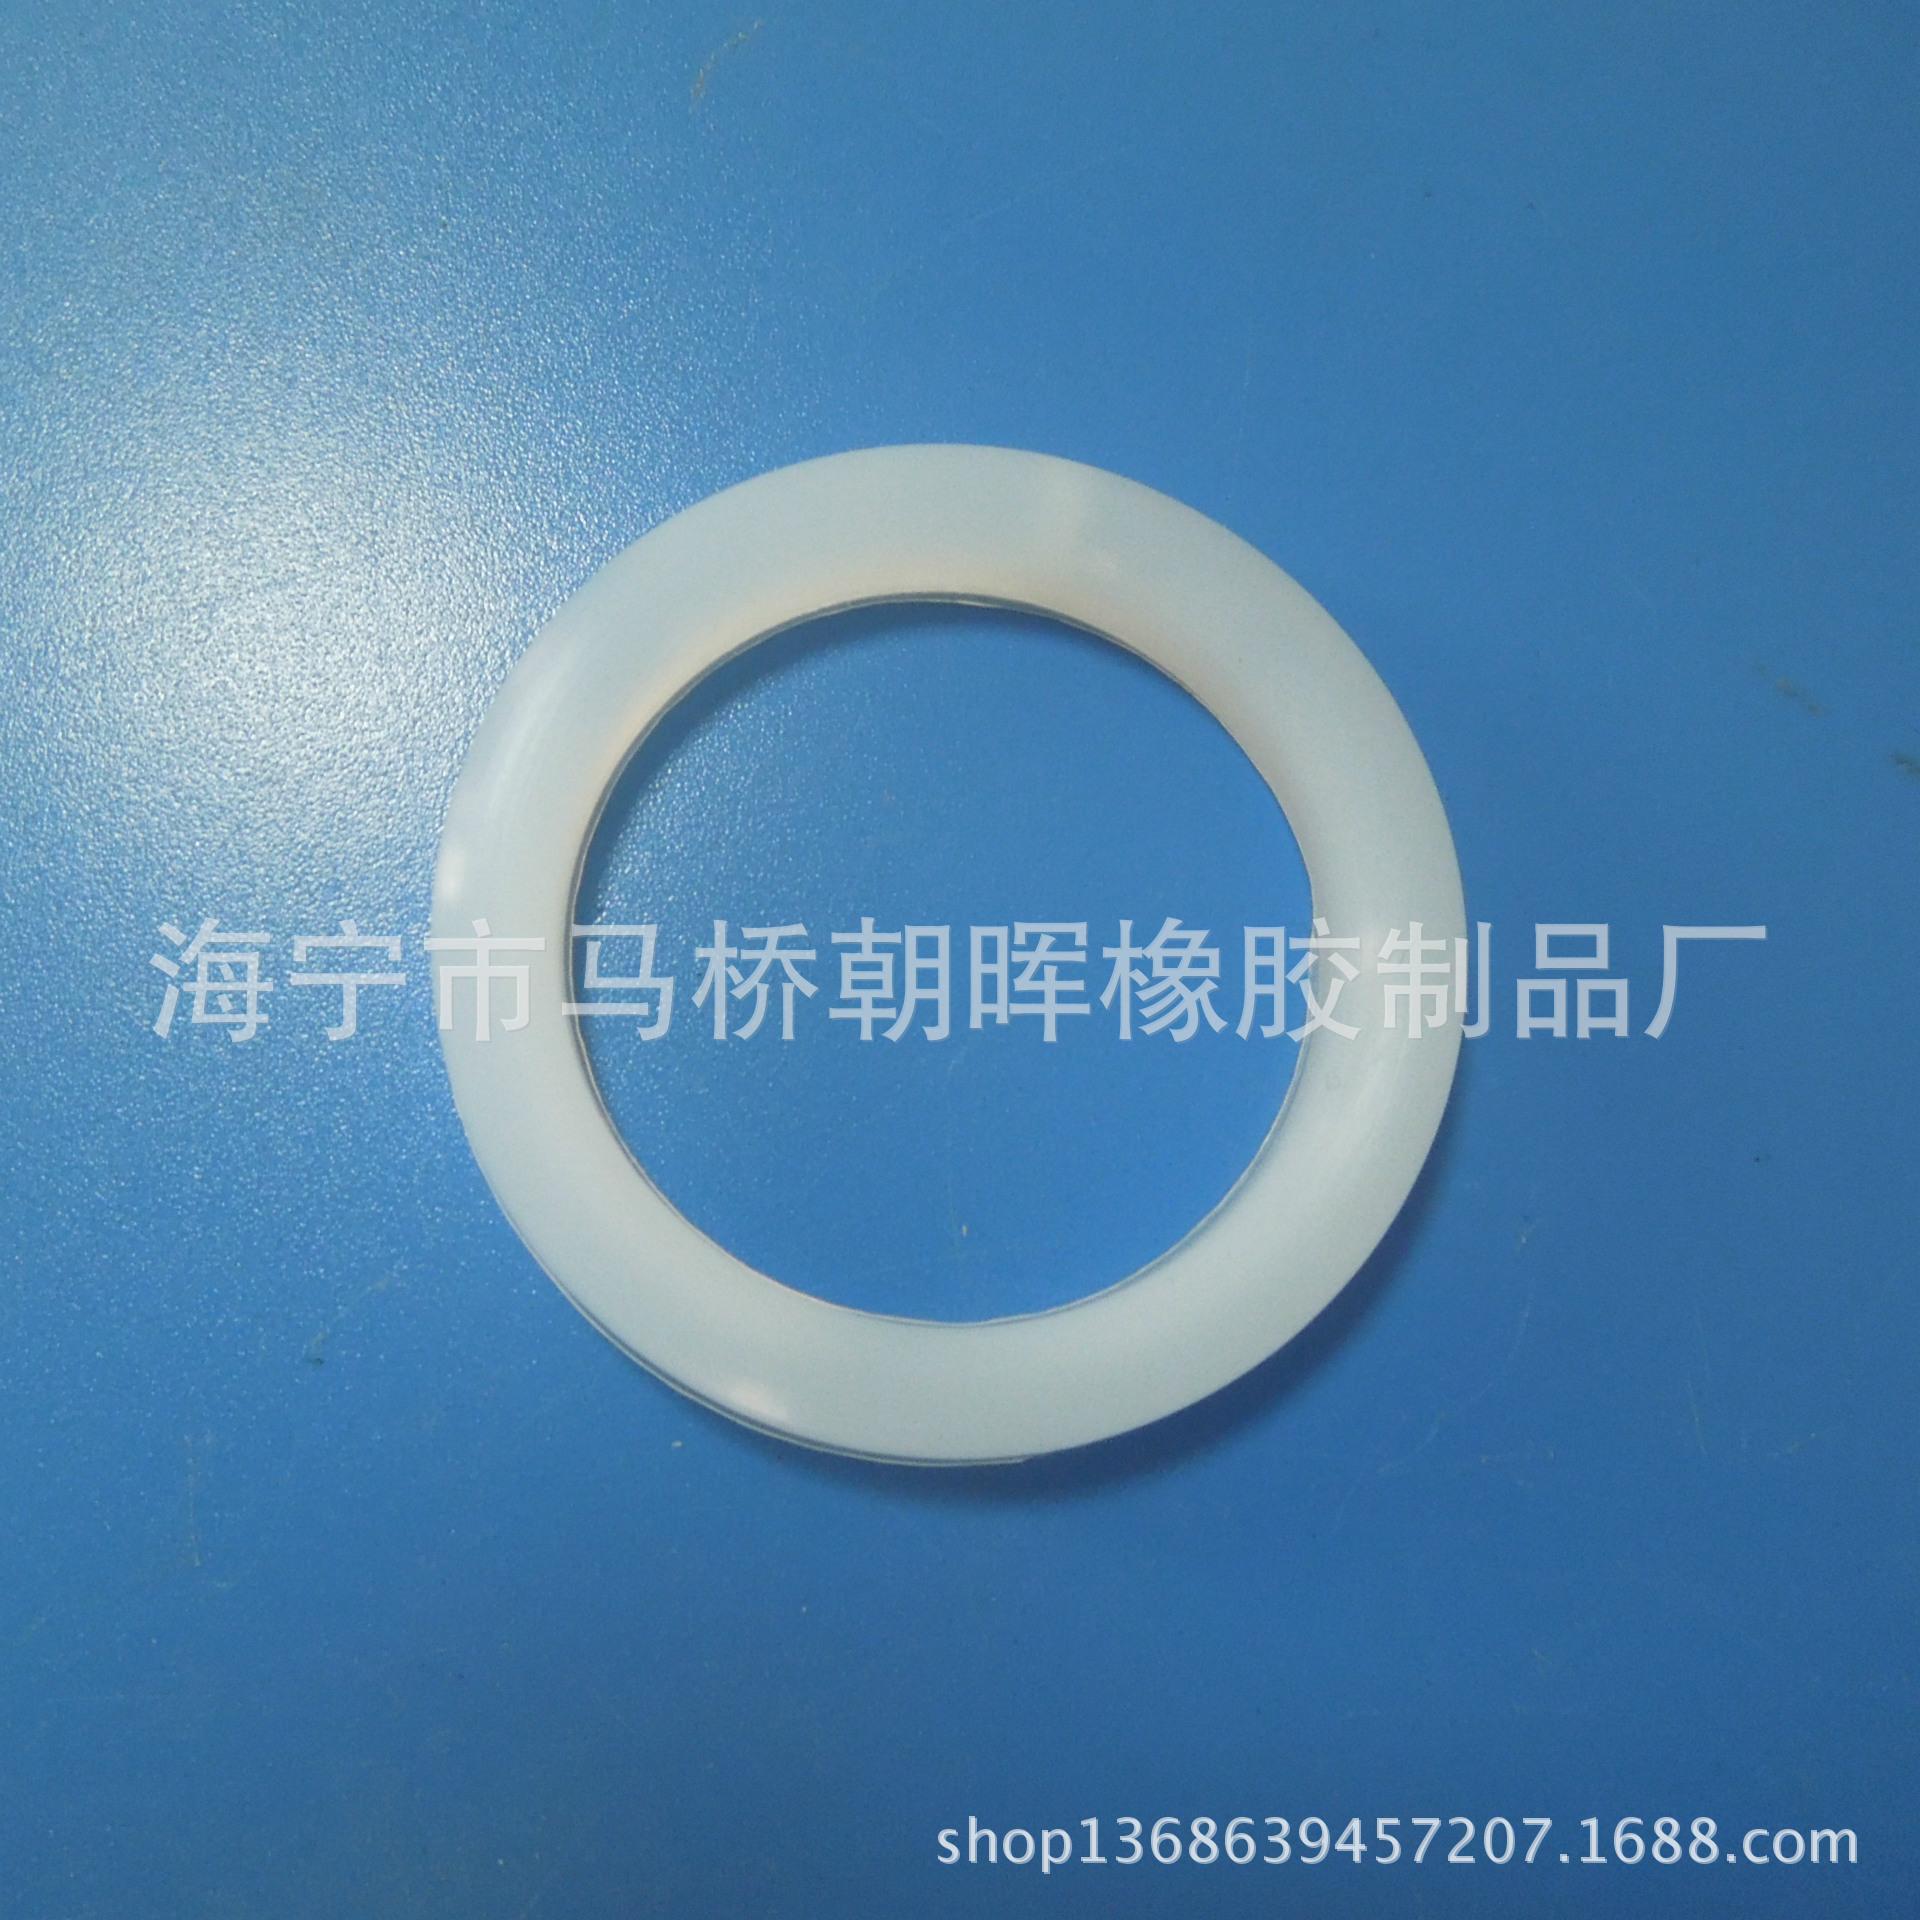 浙江厂家 供应 减震胶圈 聚氨酯胶圈 矩形胶圈 氧气胶圈